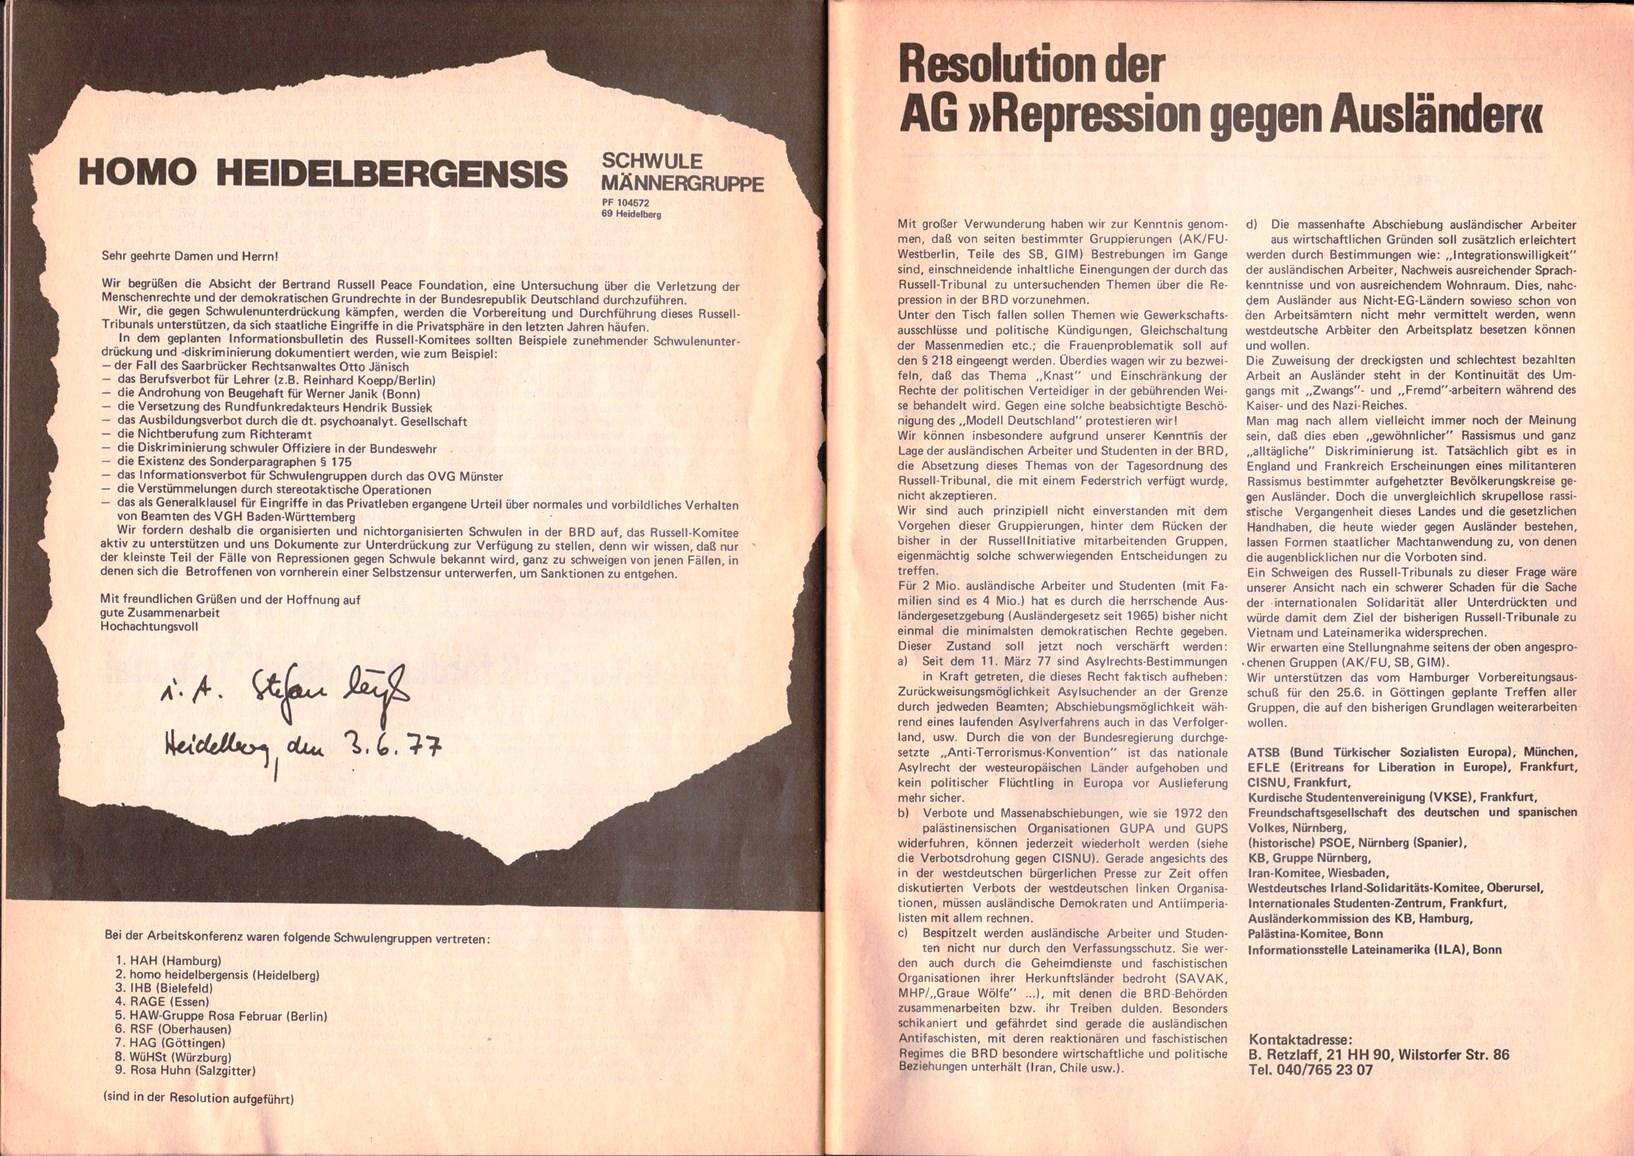 KB_Anti_Repressionsinfo_03_1977_15